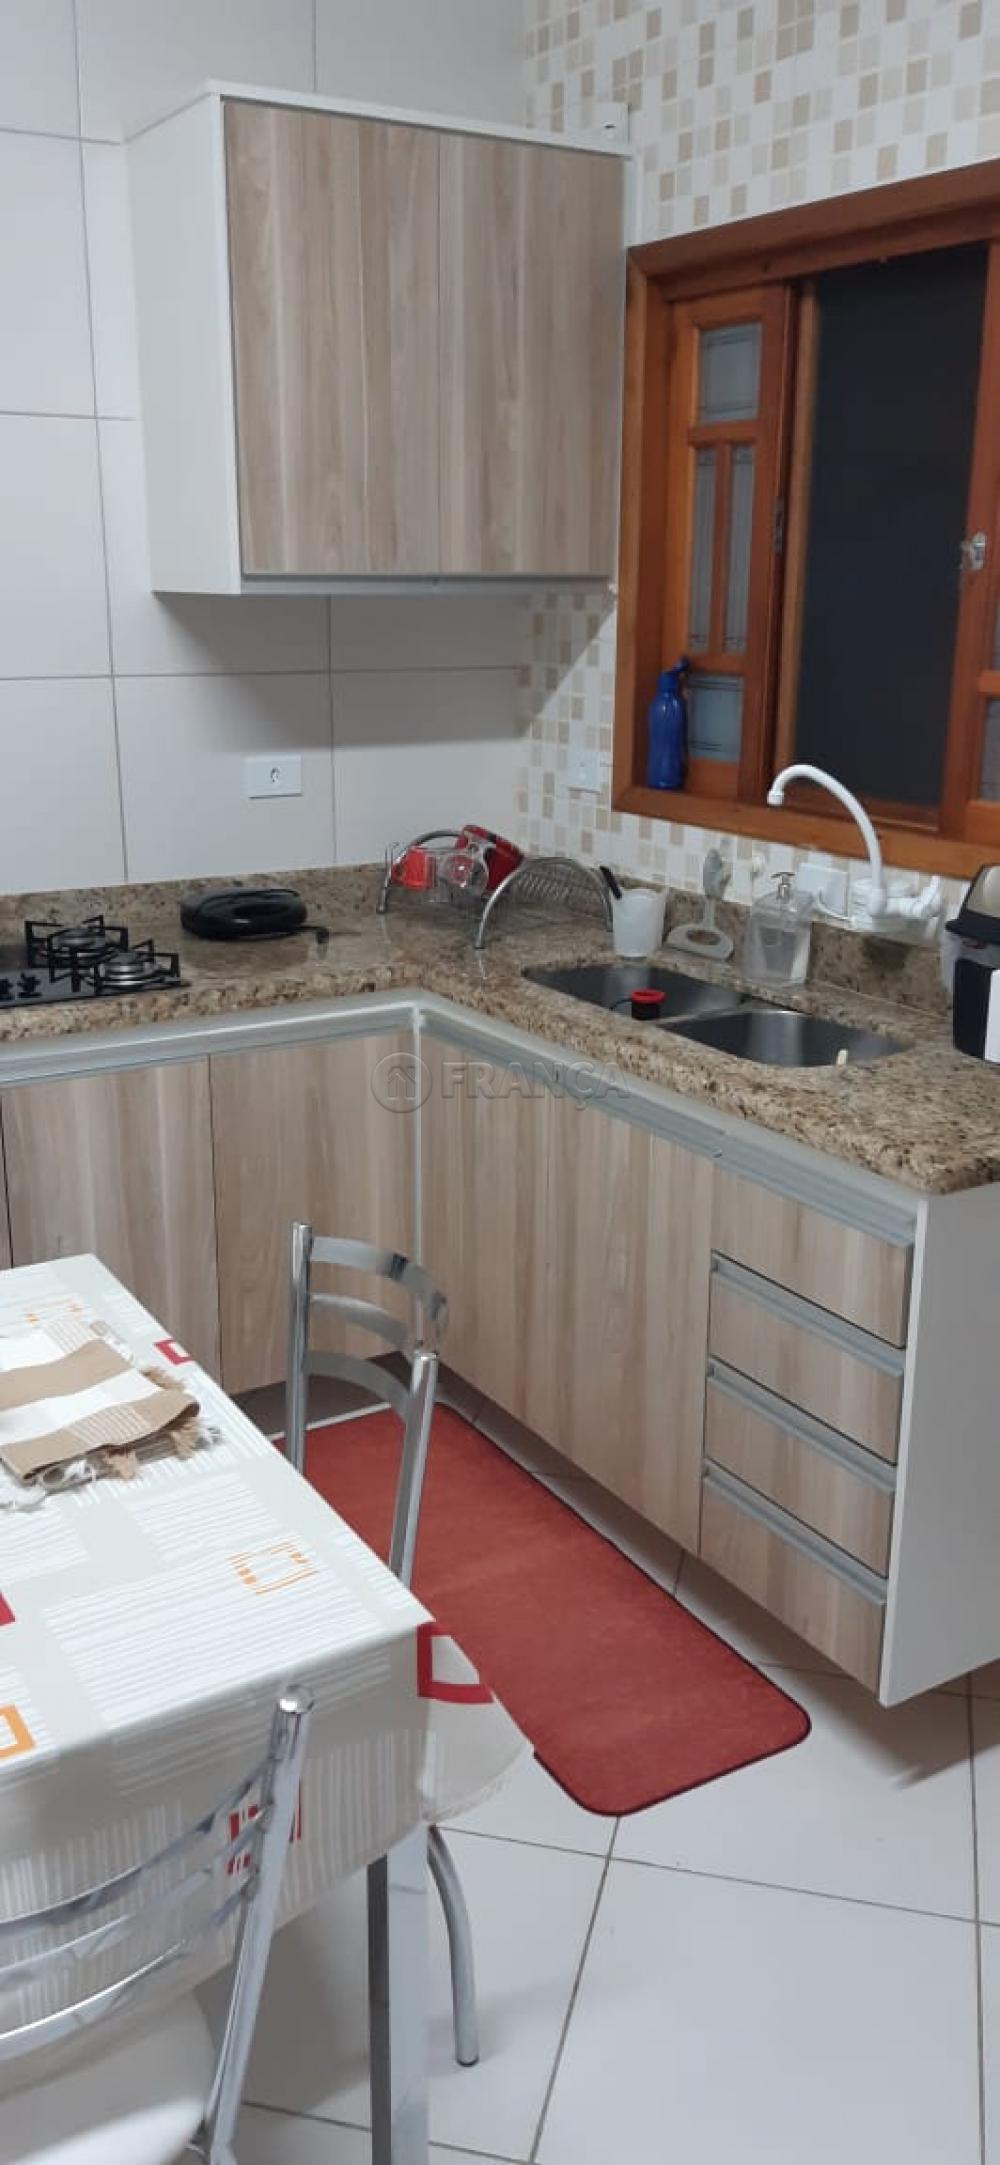 Comprar Casa / Padrão em Jacareí R$ 556.500,00 - Foto 10